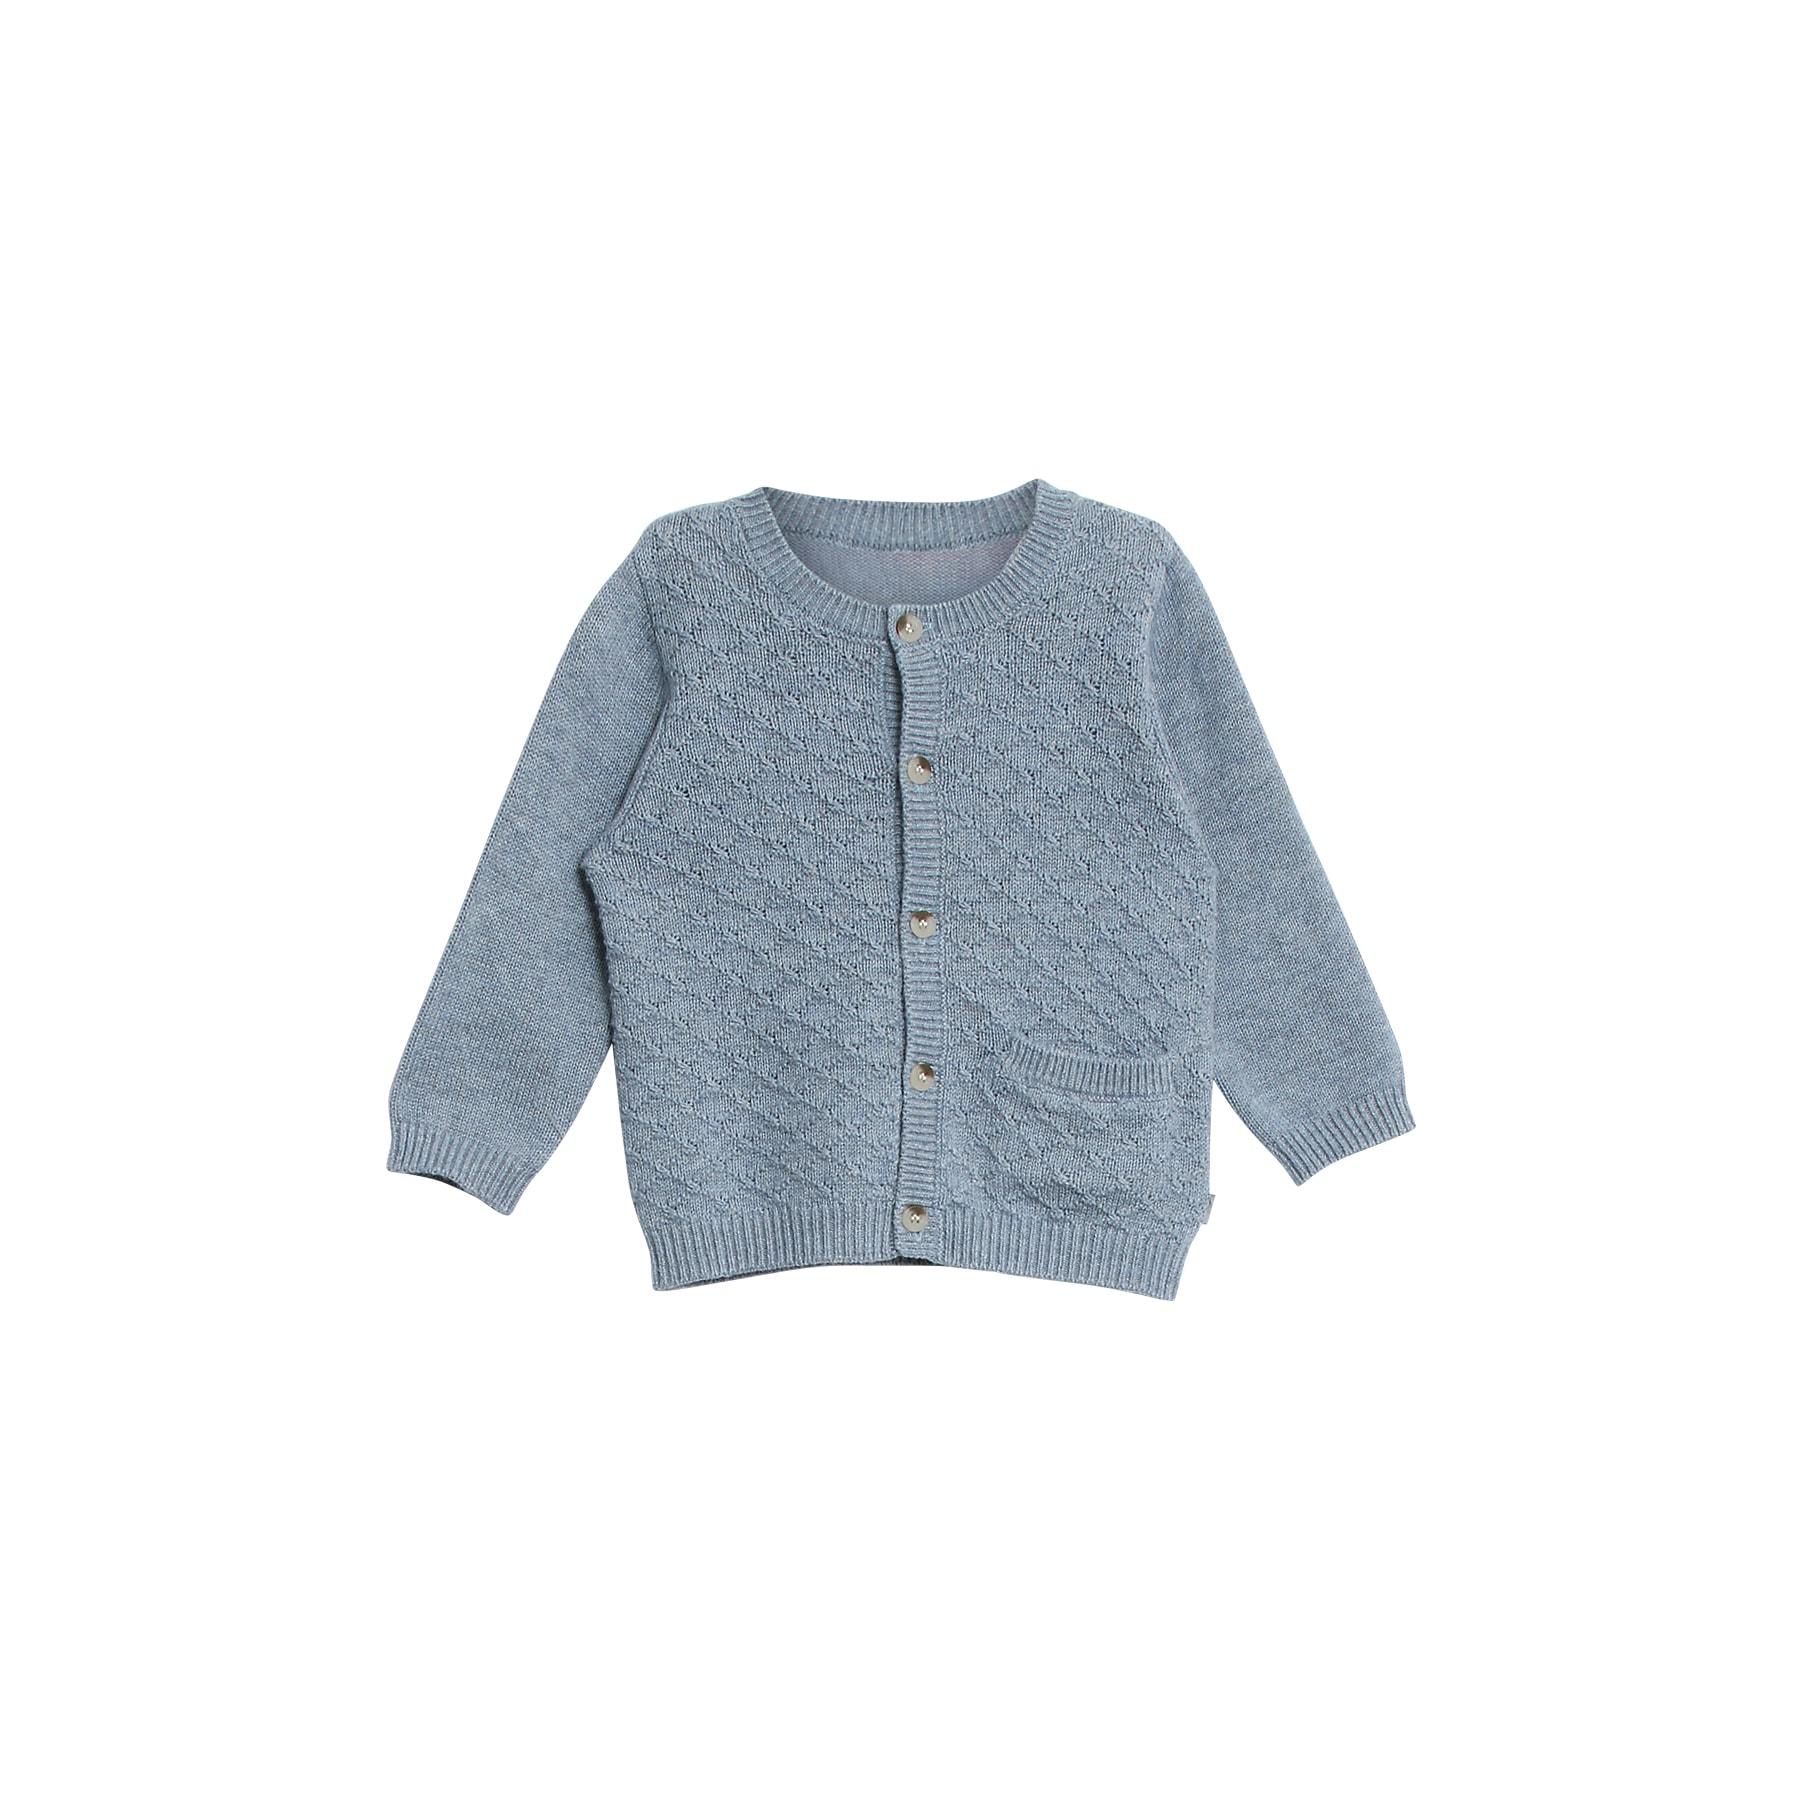 83aa84ee5f4 Cardigan i blå uld bomuld. Strikke med harlekin mønster. Lille lomme foran.  Wheat